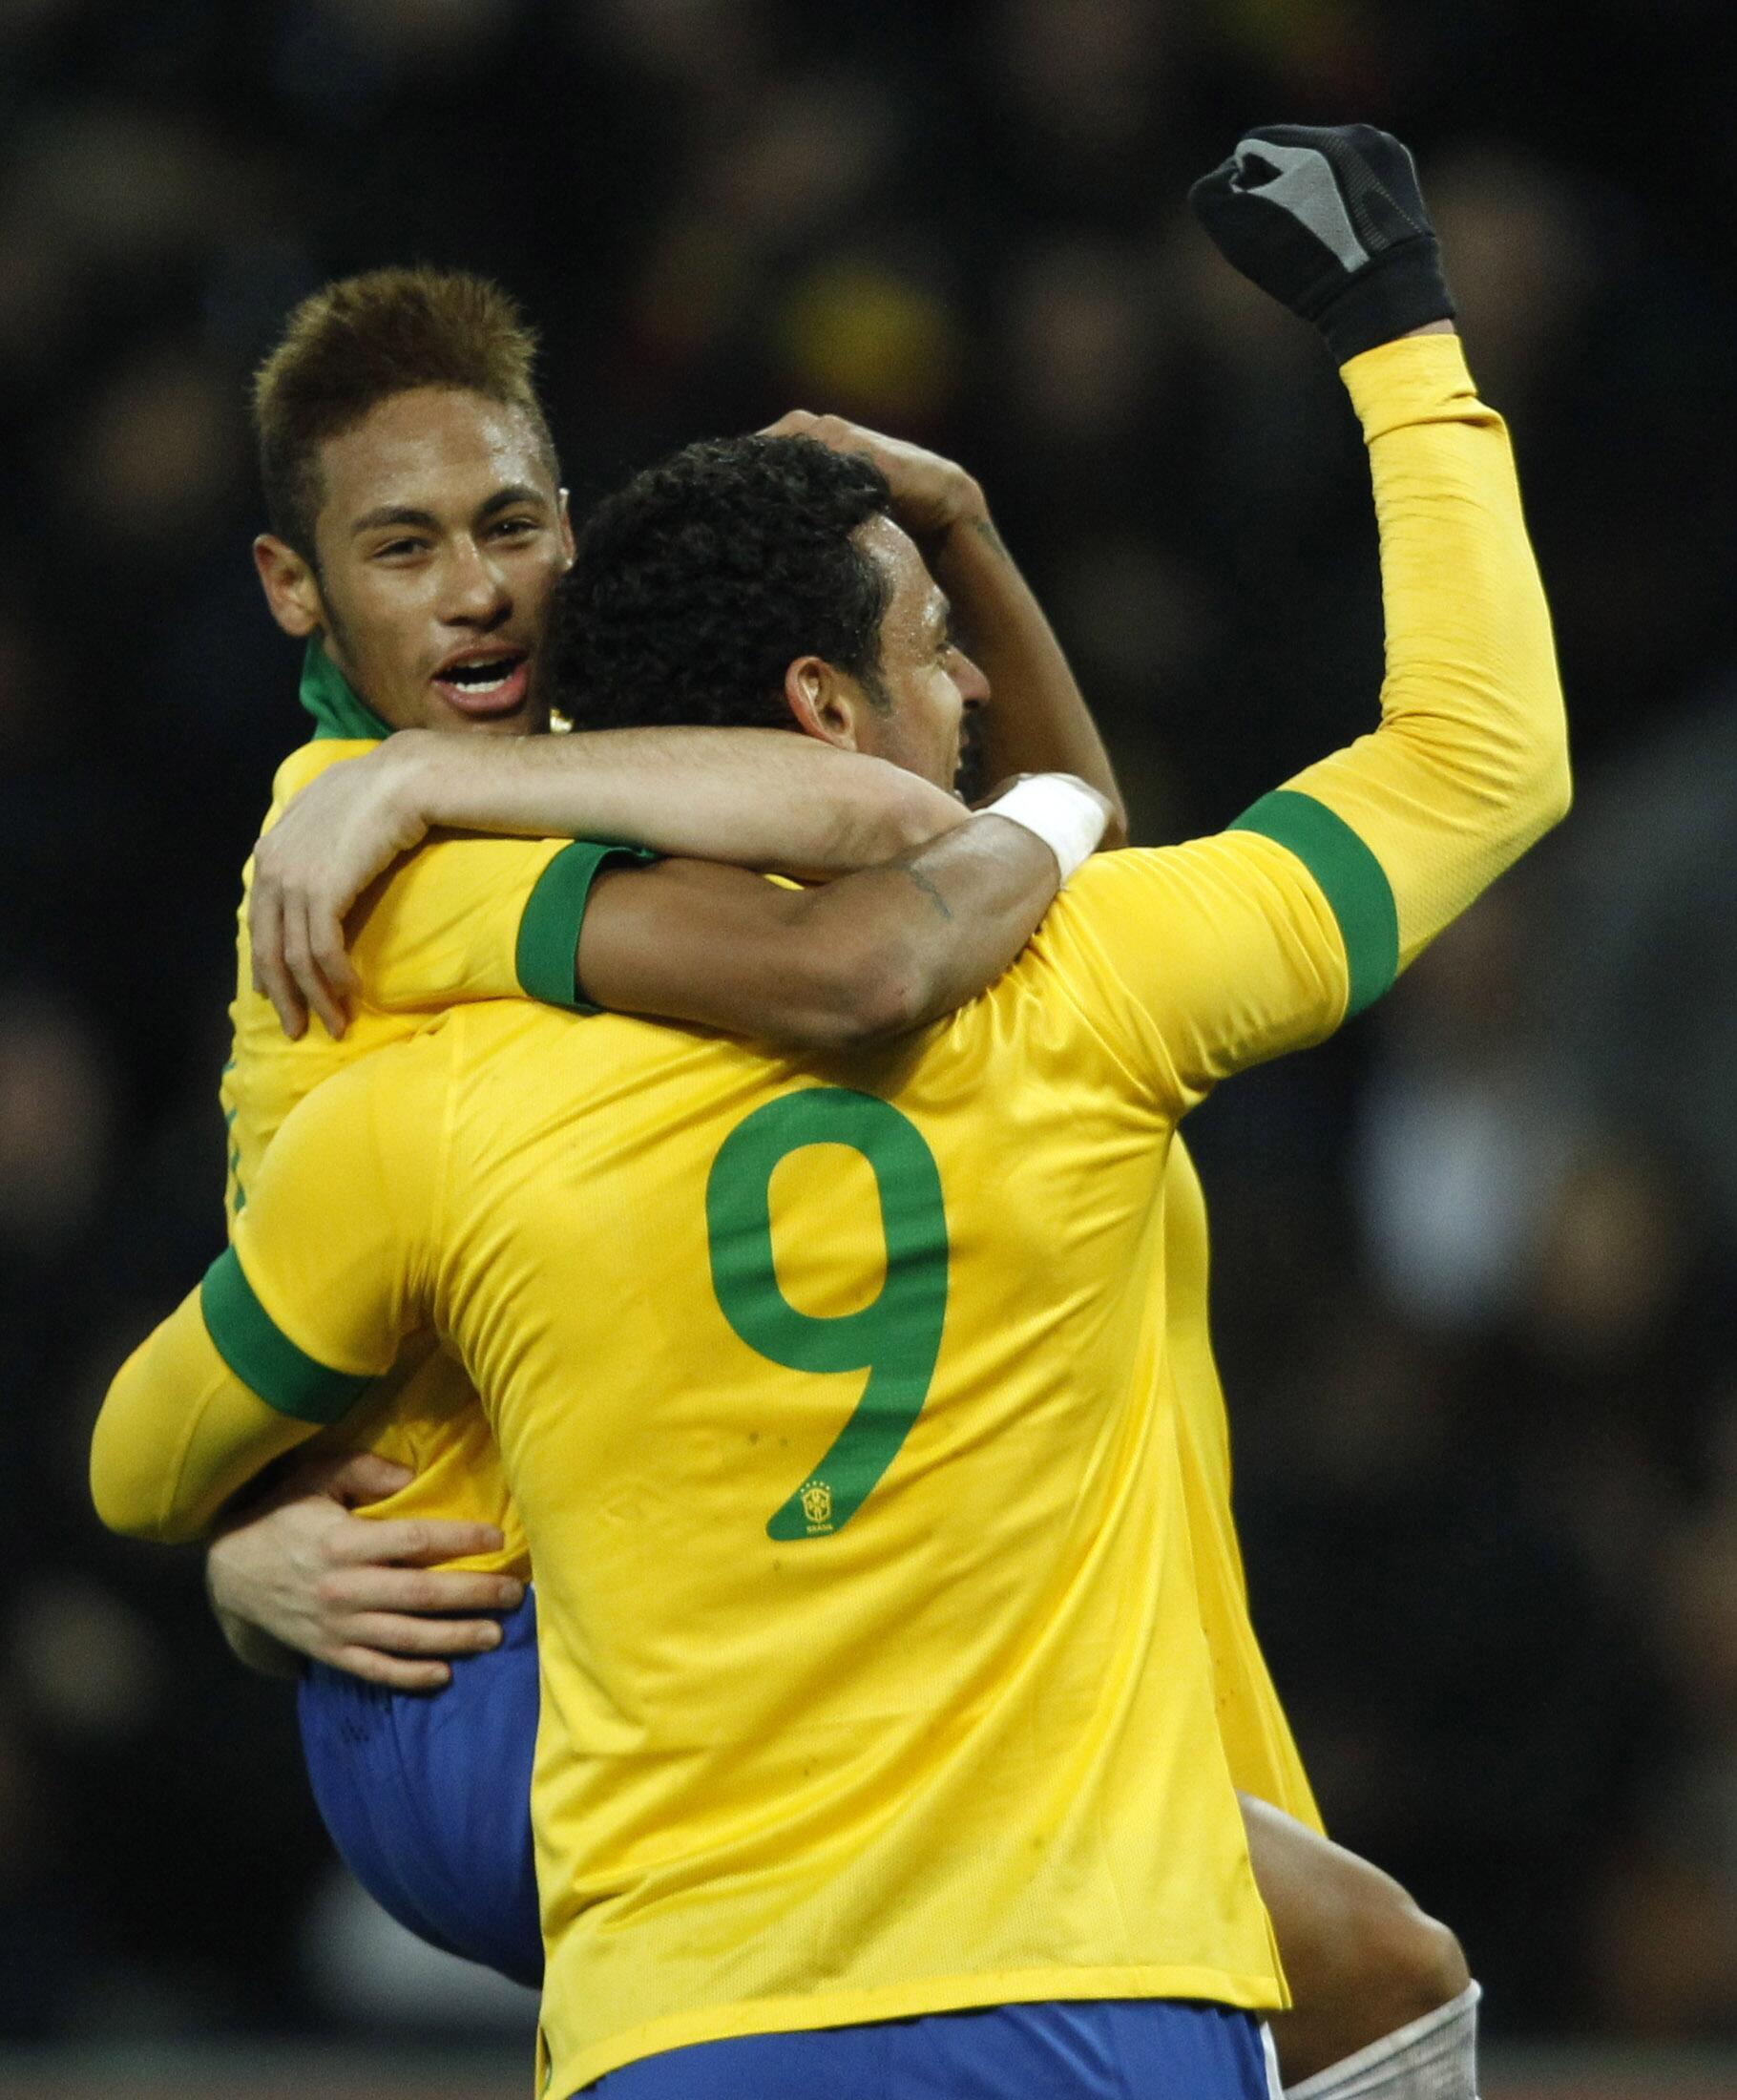 Neymar comemora gol contra a Itália no amistoso de quinta-feira, 21 de março de 2013, em Genebra, na Suíça.